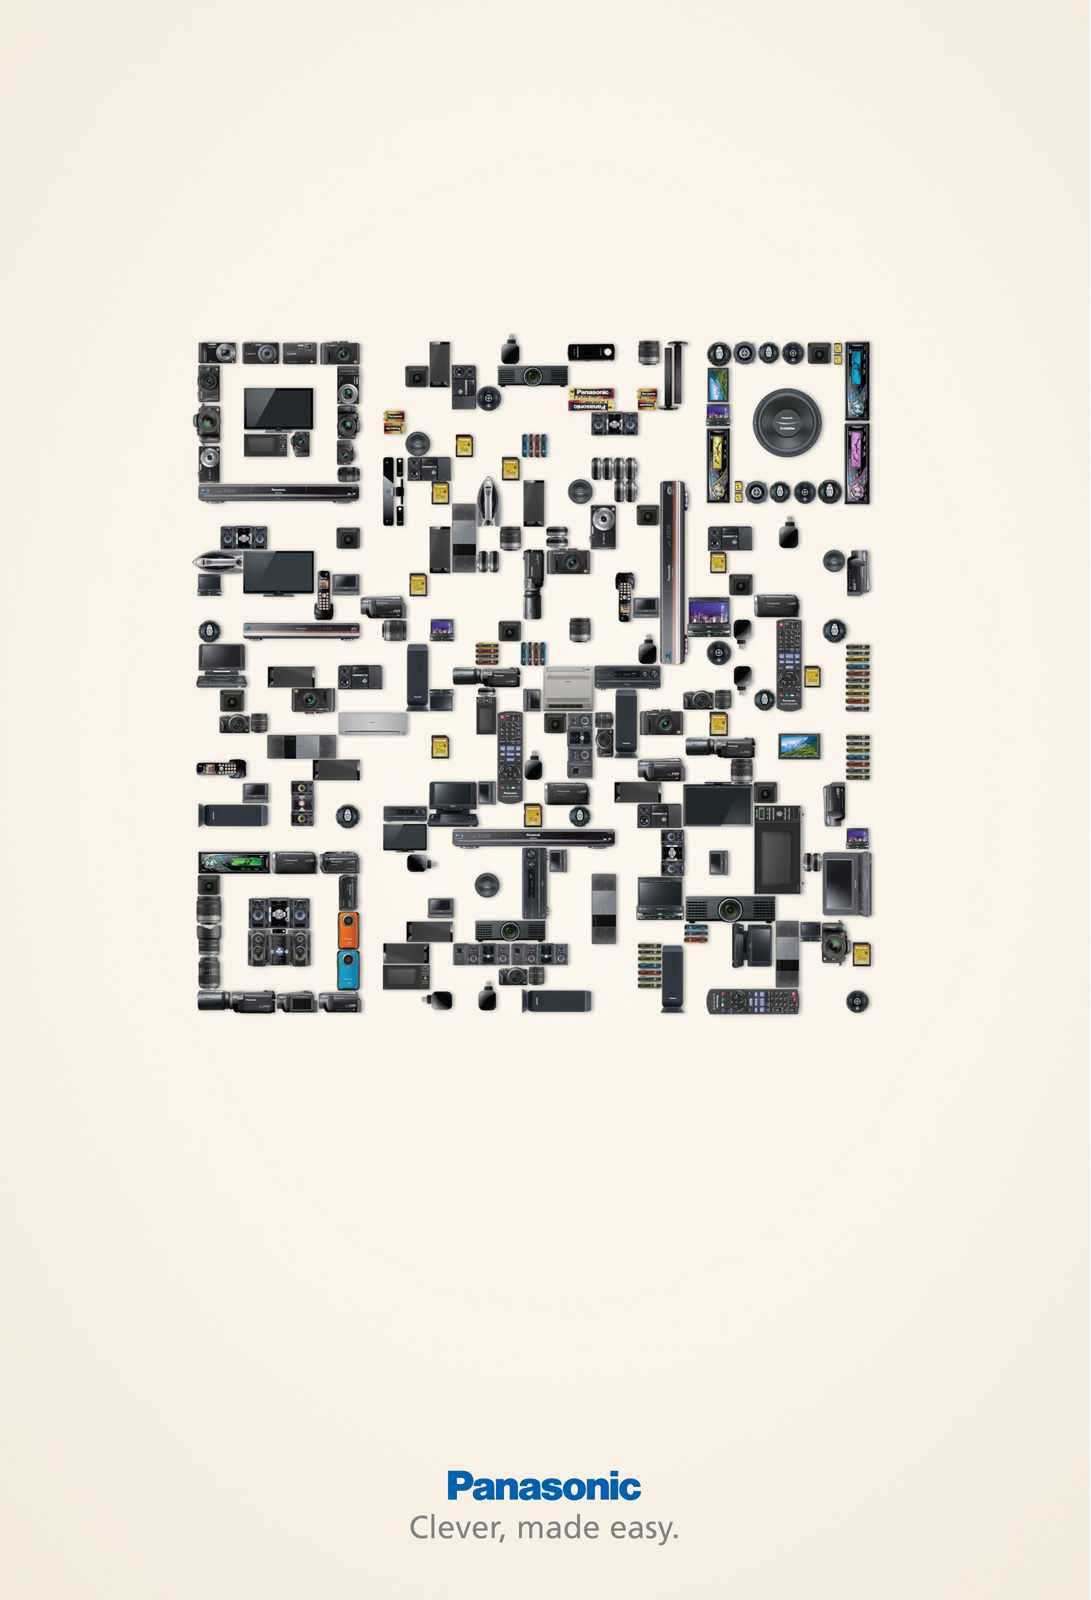 panasonic_qr_code